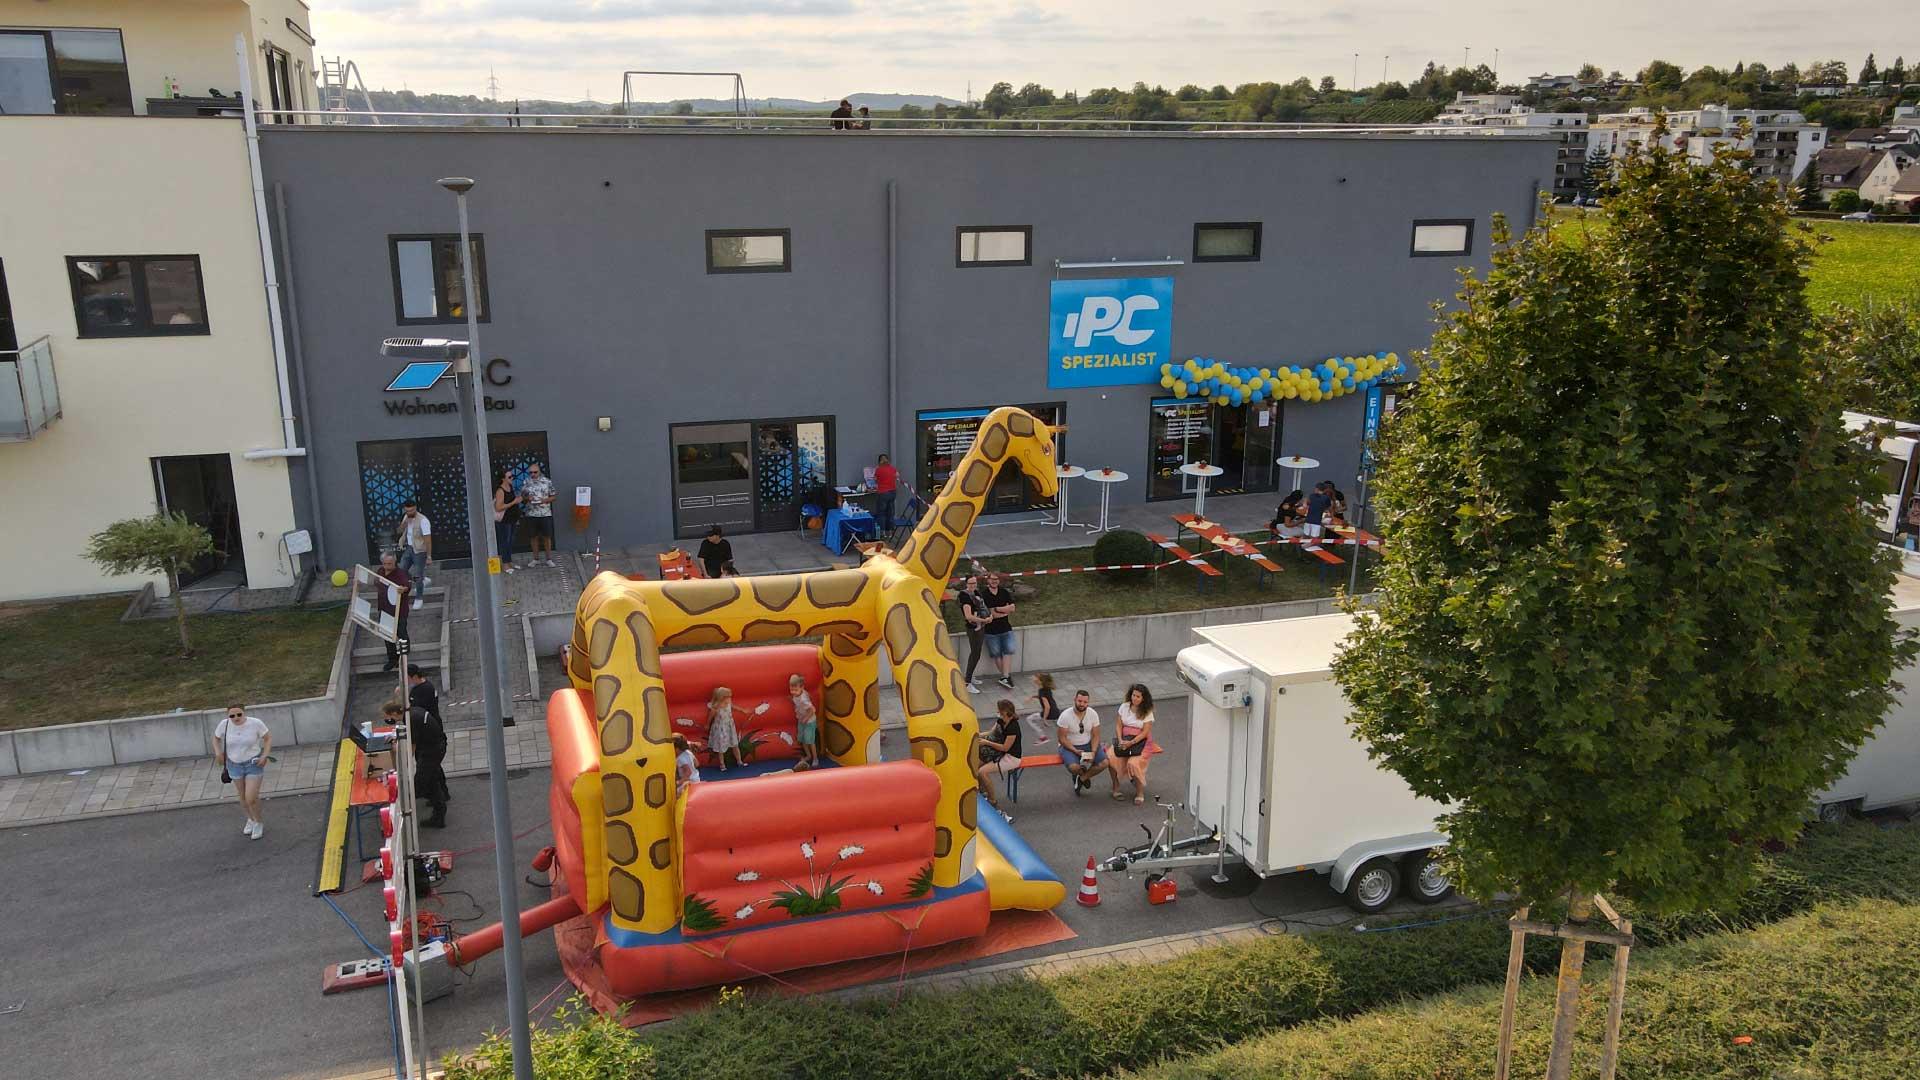 Filialeröffnung PC-Spezialist Kirchheim am Neckar